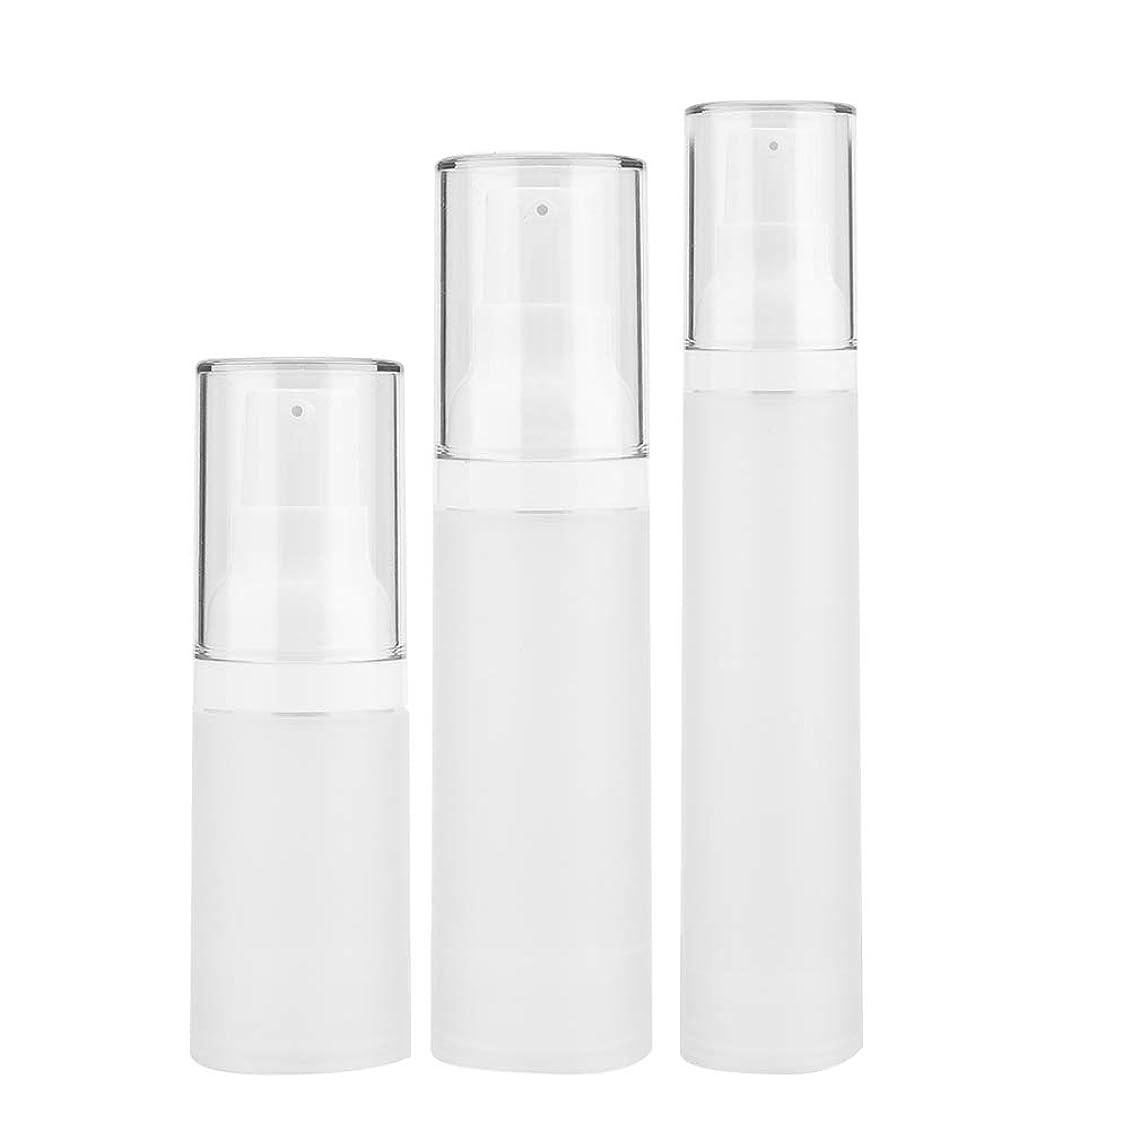 ジャンプ水銀のことわざ3本入りトラベルボトルセット - 化粧品旅行用容器、化粧品容器が空の化粧品容器付きペットボトル - シャンプーとスプレー用(3 pcs)